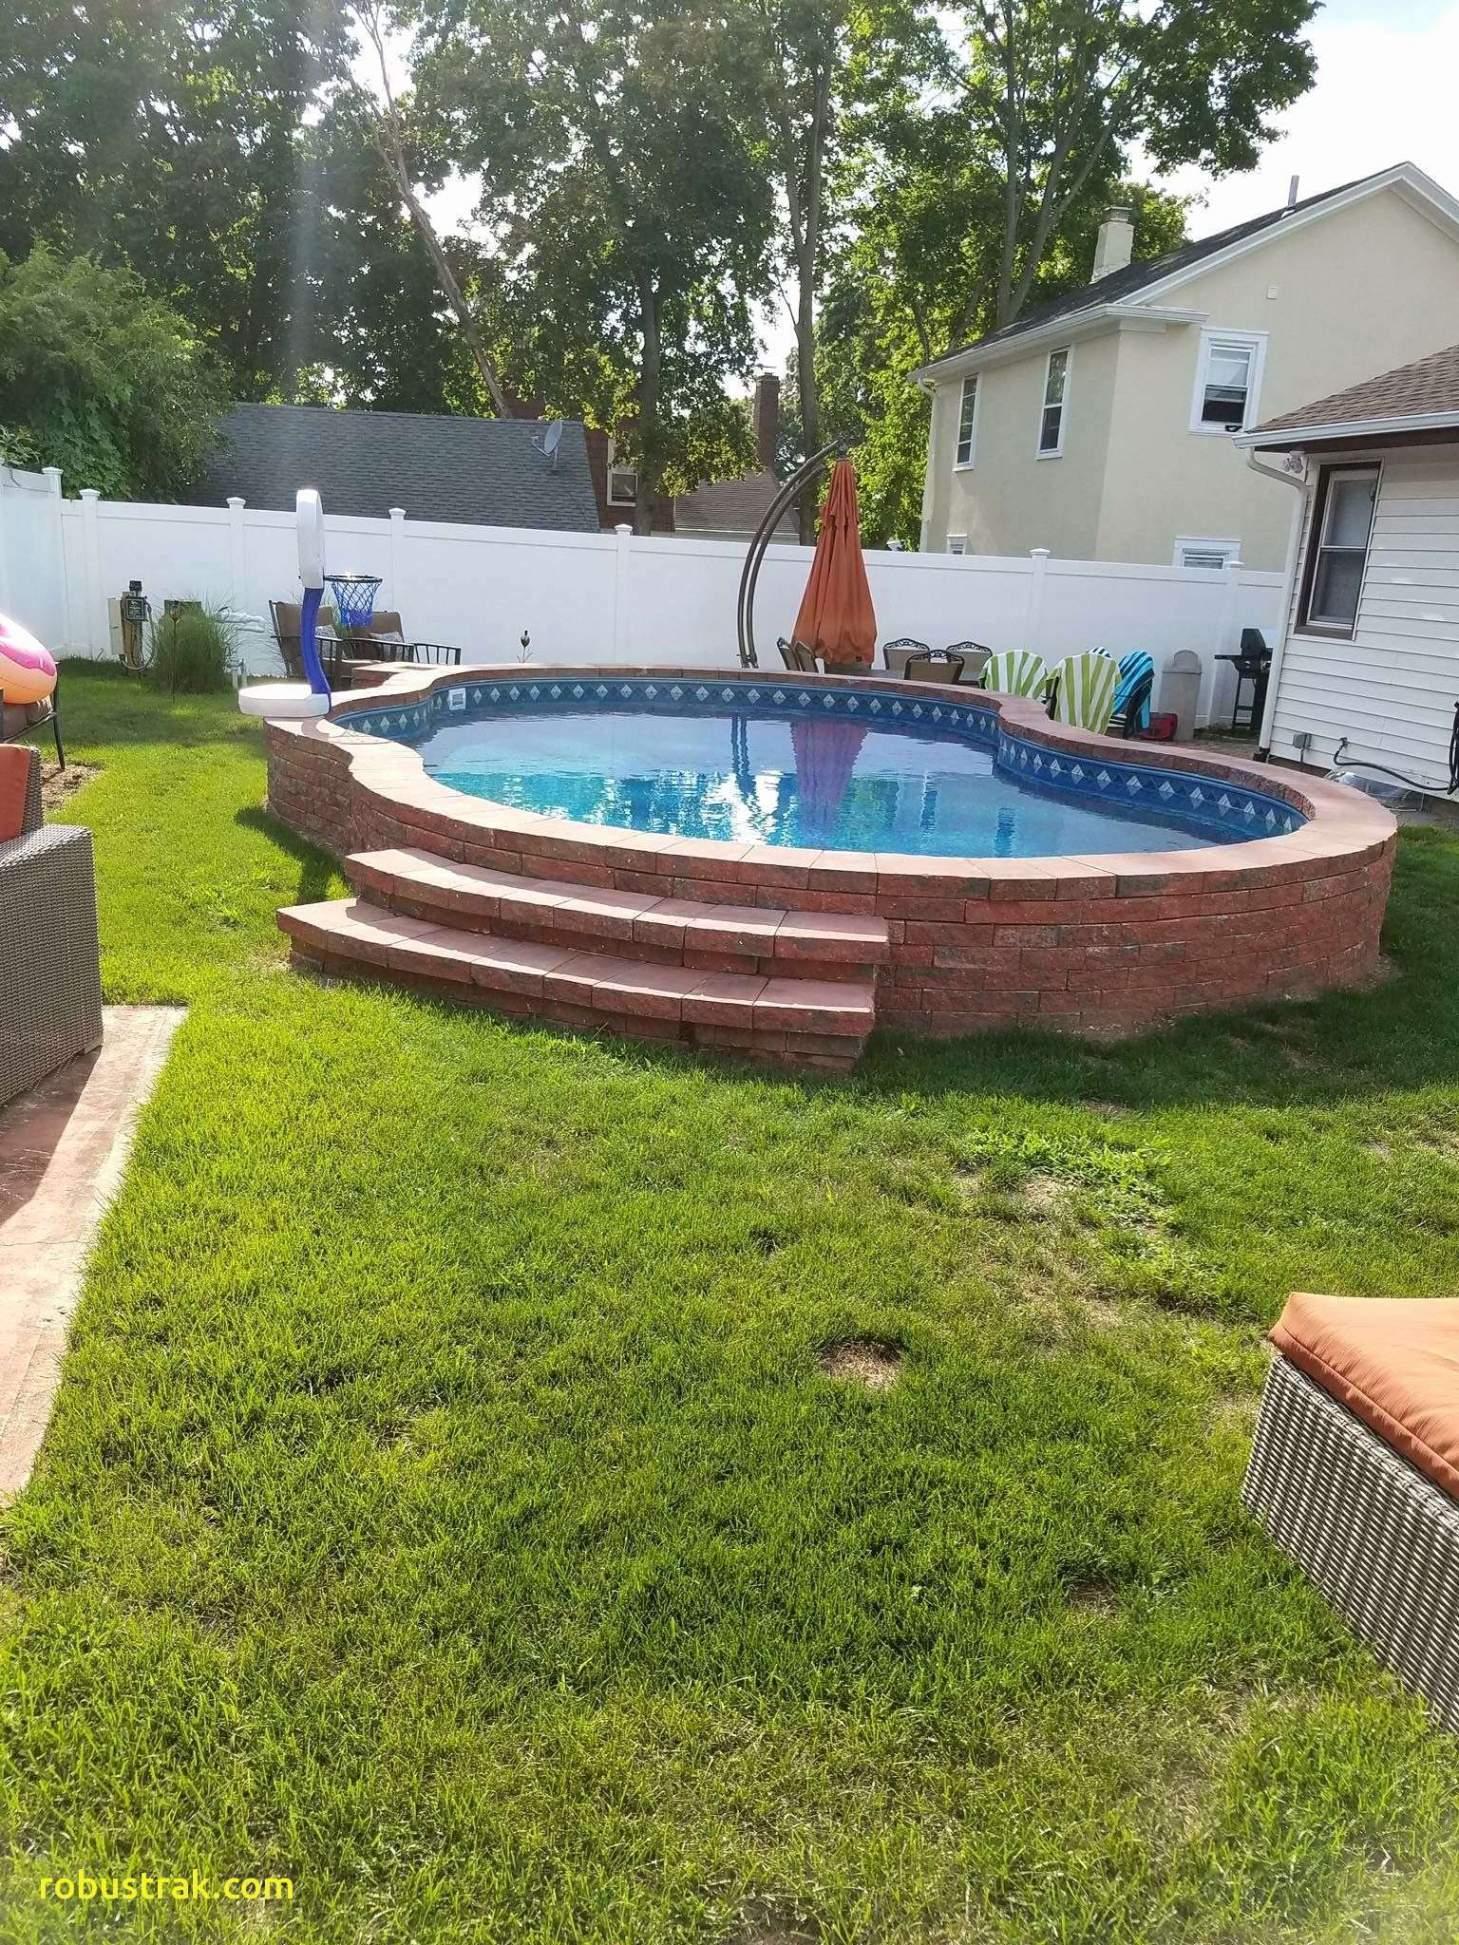 kleiner garten das beste von swimming pool garten neu swimmingpool pool im kleinen garten pool im kleinen garten